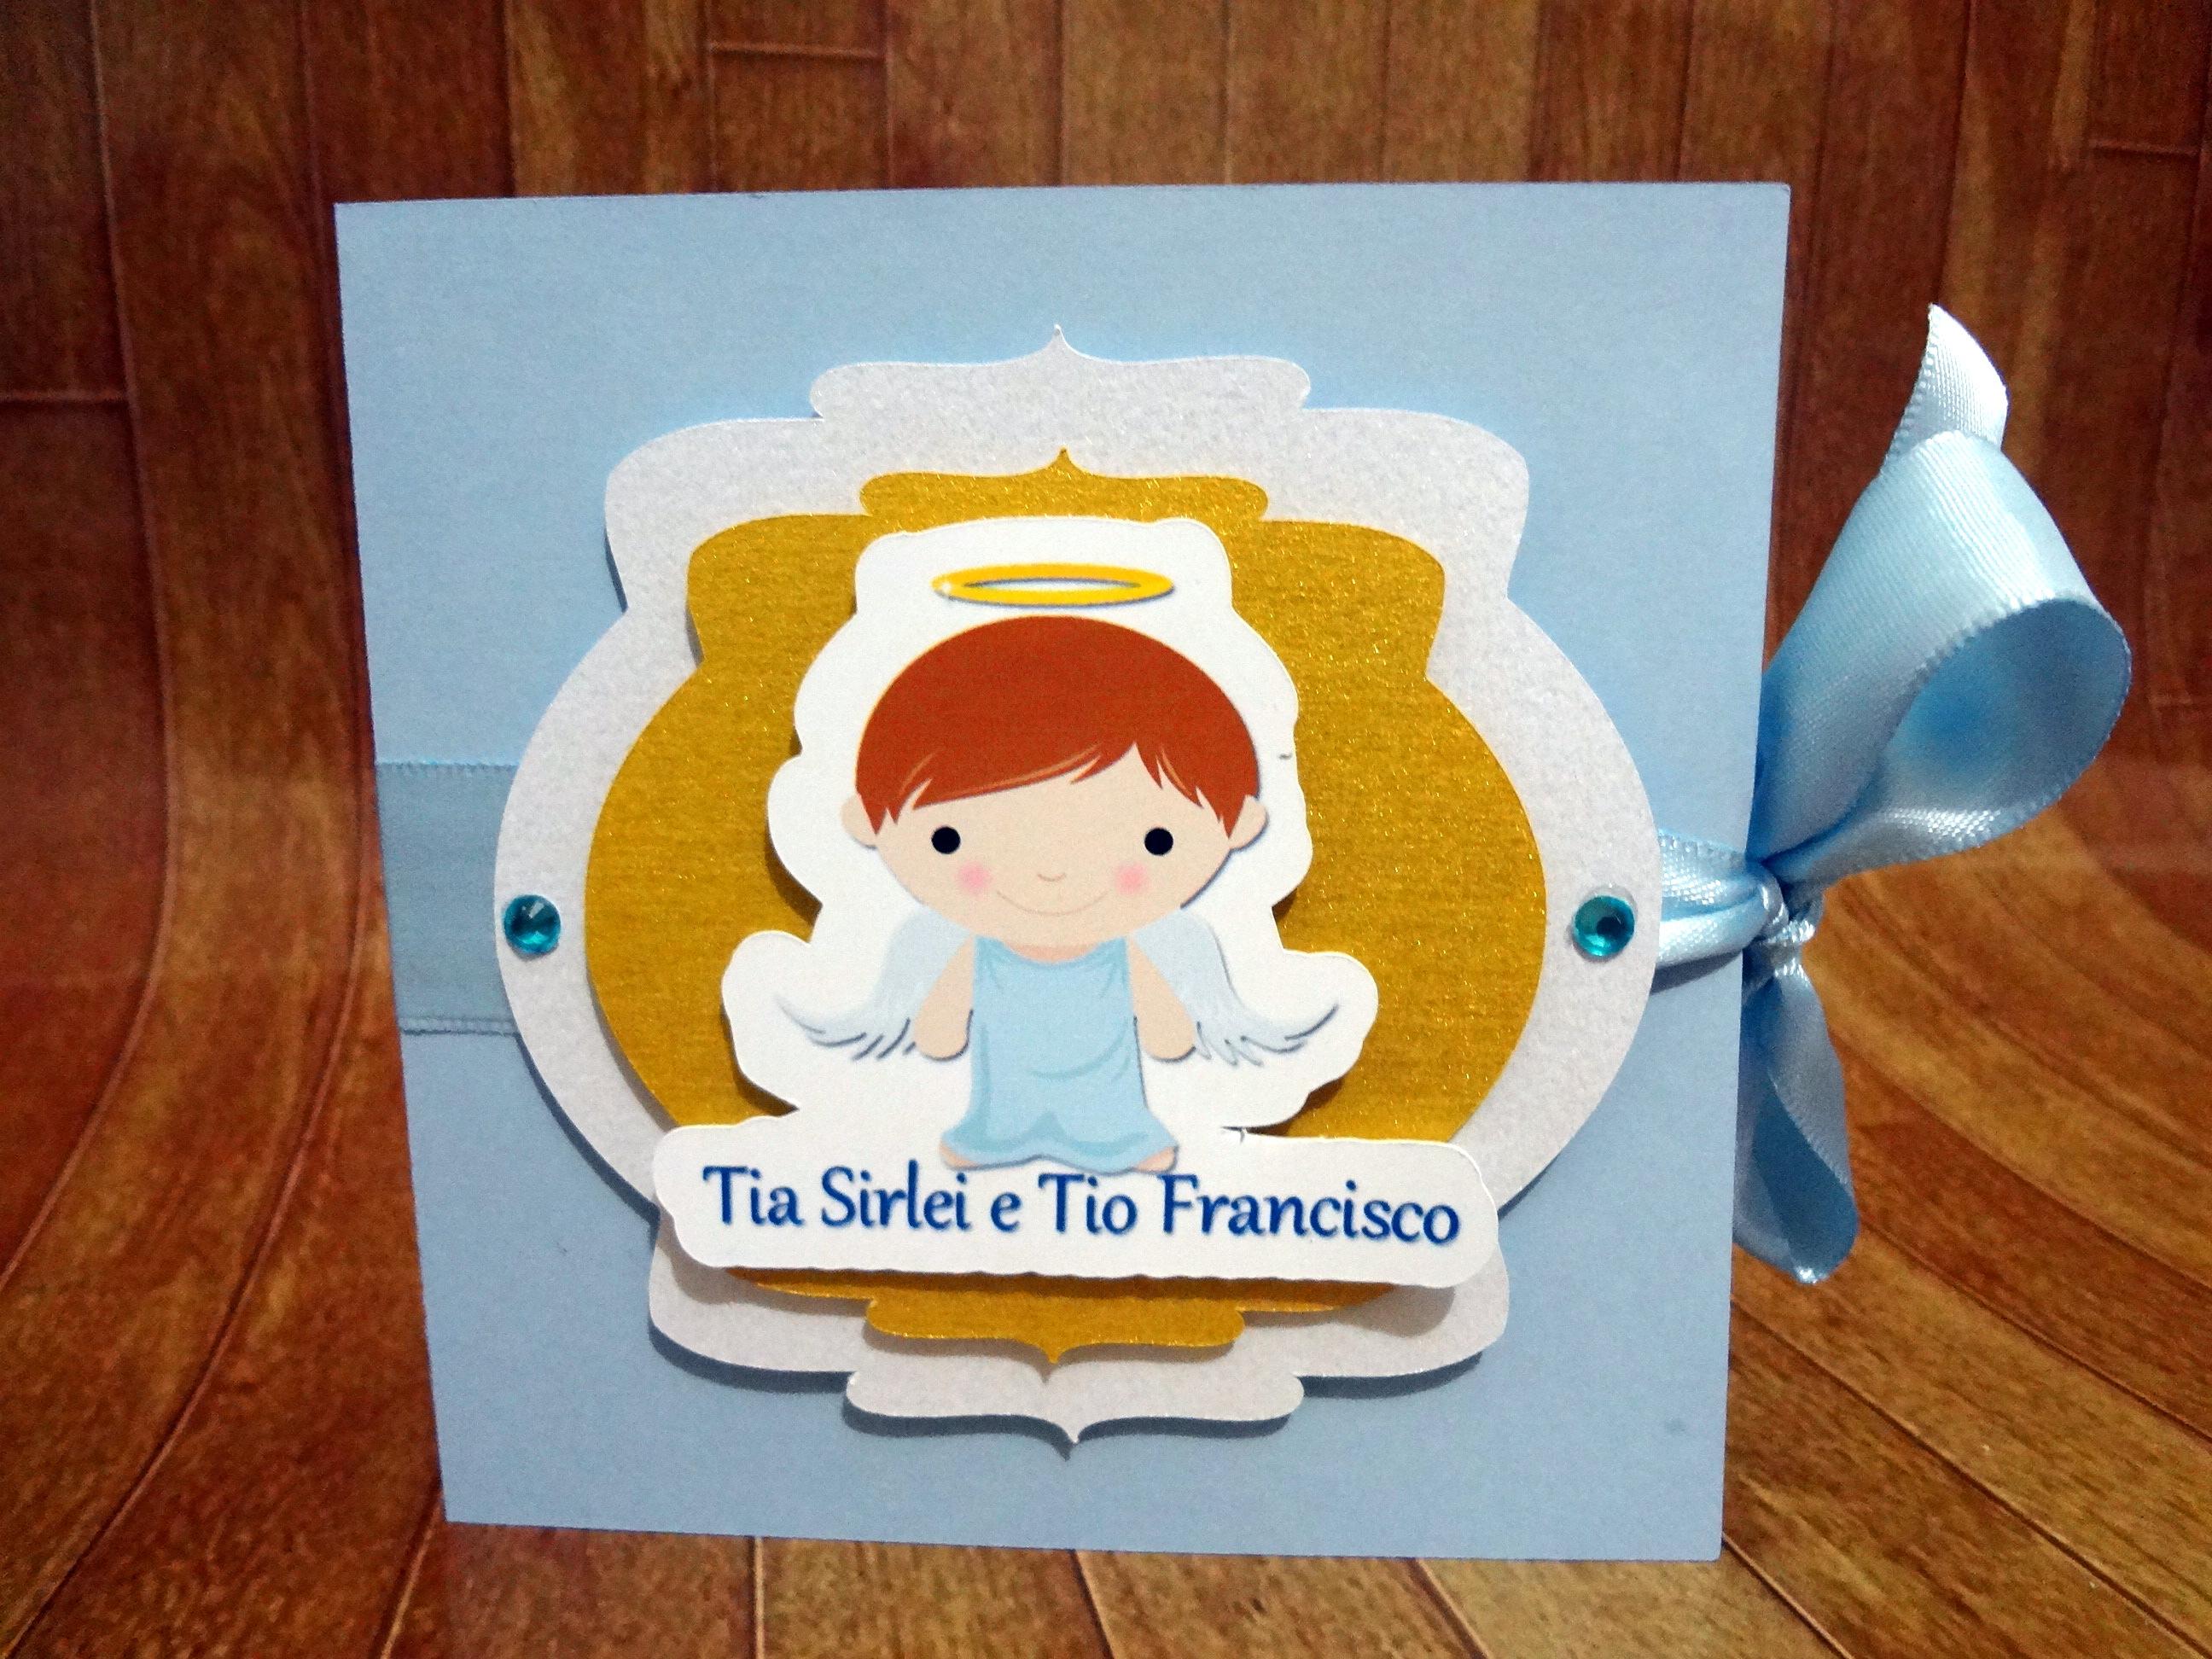 Convite Padrinhos Batismo No Elo7 Ateliê Das Lembrancinhas 846587